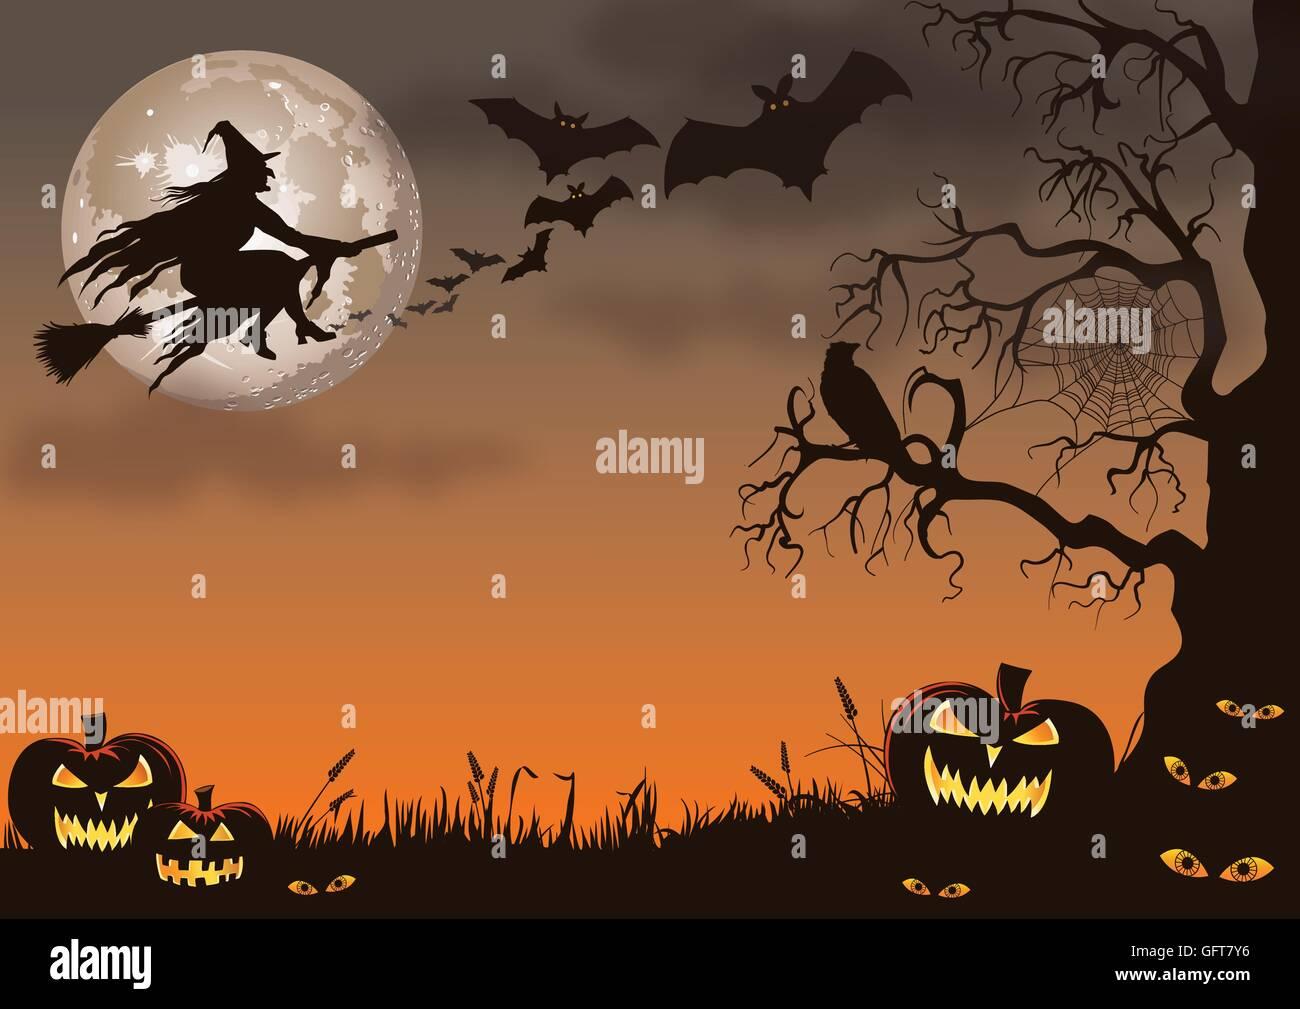 Halloween-Hintergrund mit einer Hexe, Fledermäuse, Kürbisse, peering Augen und einem gruseligen Baum. Stockbild